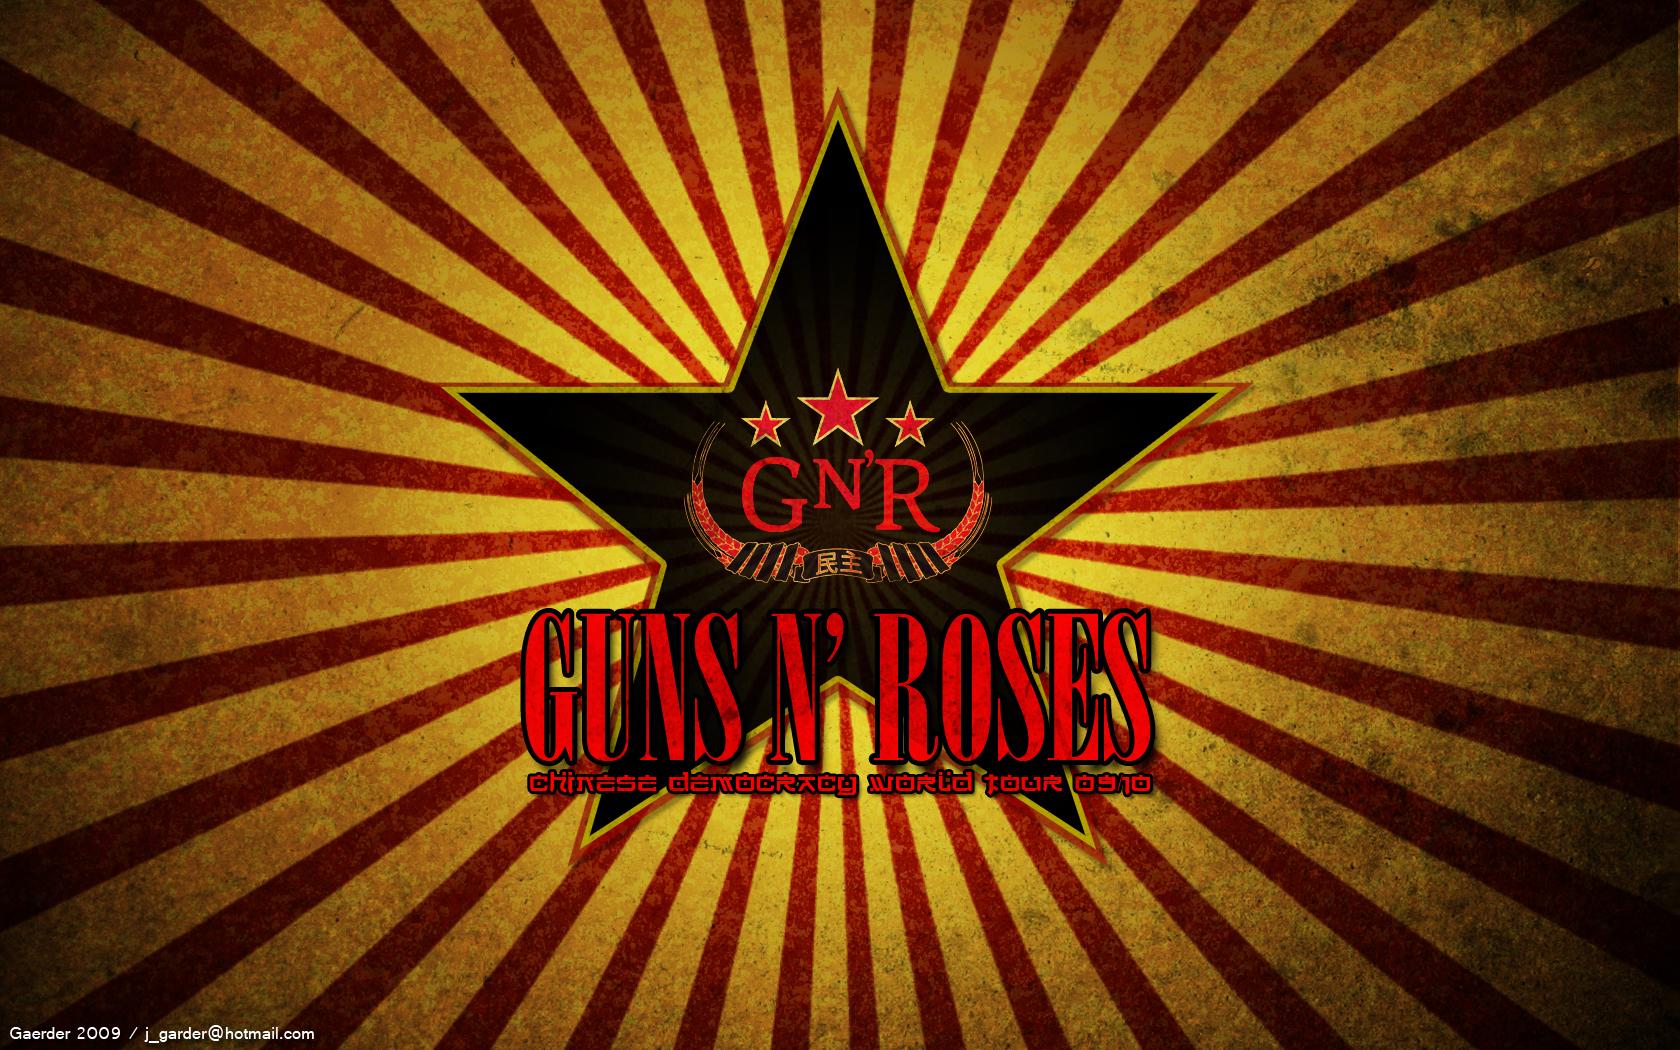 Guns N Roses wallpaper by Gaerder on deviantART 1680x1050